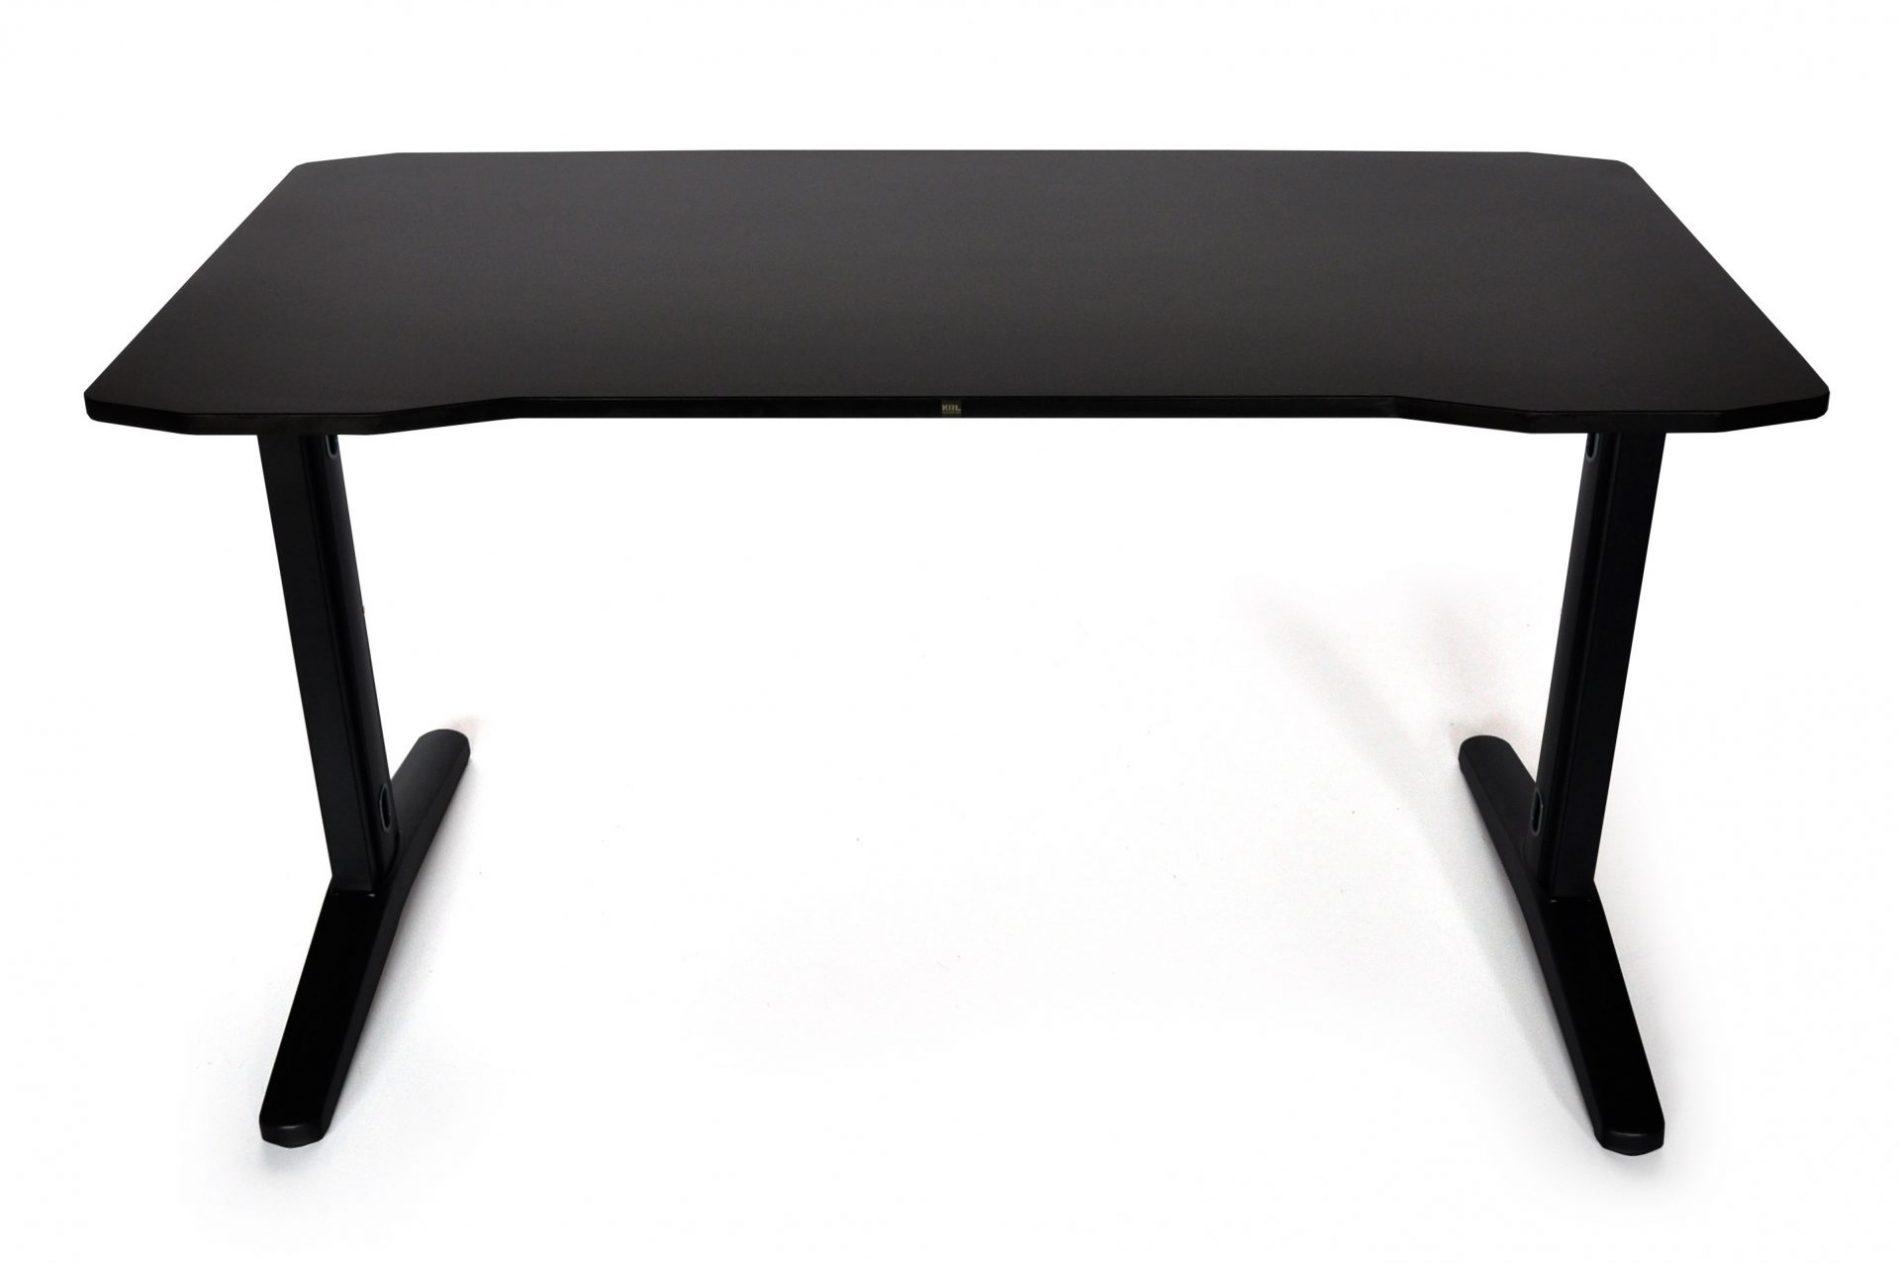 biurko gamingowe krl